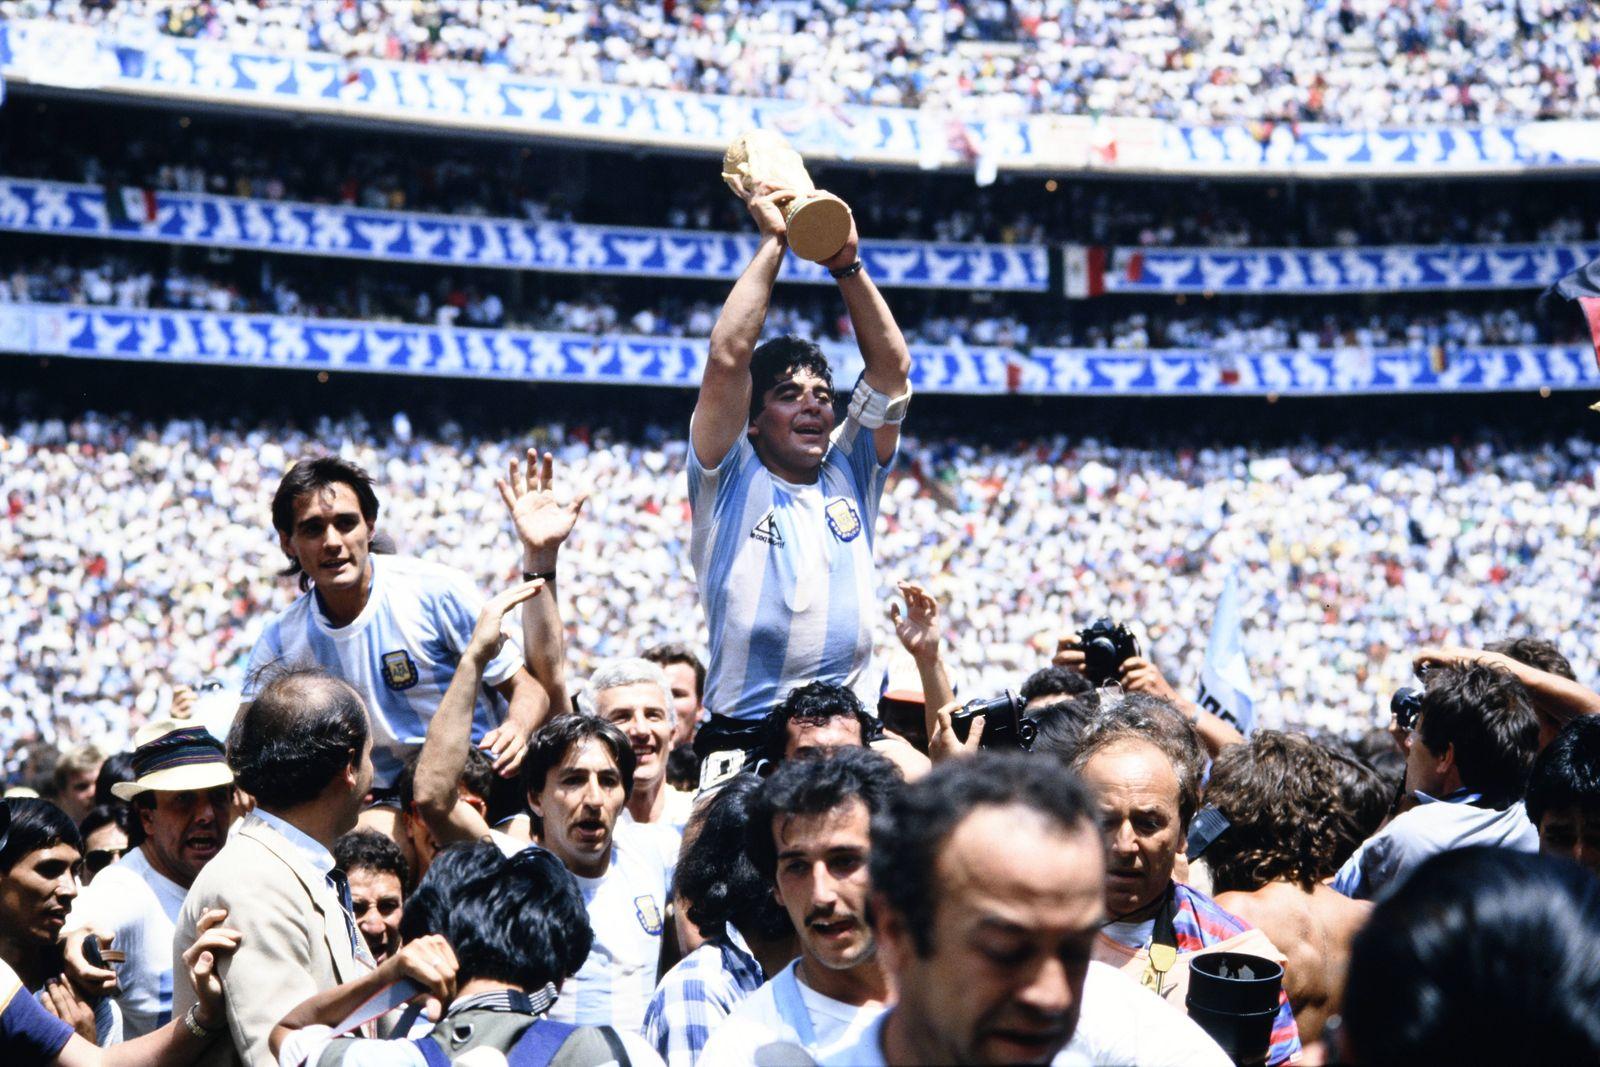 MARADONA Diego Kapitaen Team ARG mit WELTCUP Pokal bei der Siegerehrung mit Torschuetzen BURRUCHAGA Jorge Finale Argent